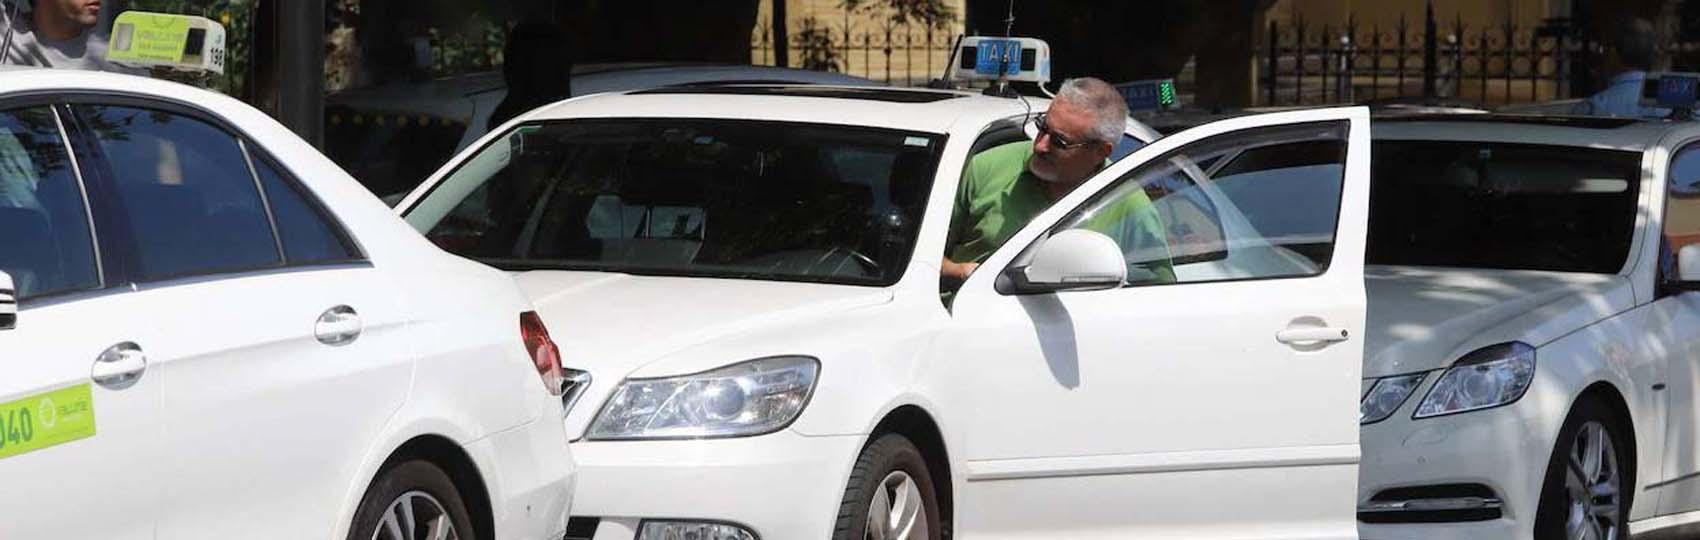 Noticias del sector del taxi y la movilidad en Donosti. Mantente informado de todas las noticias del taxi de San Sebastián en el grupo de Facebook de Todo Taxi.